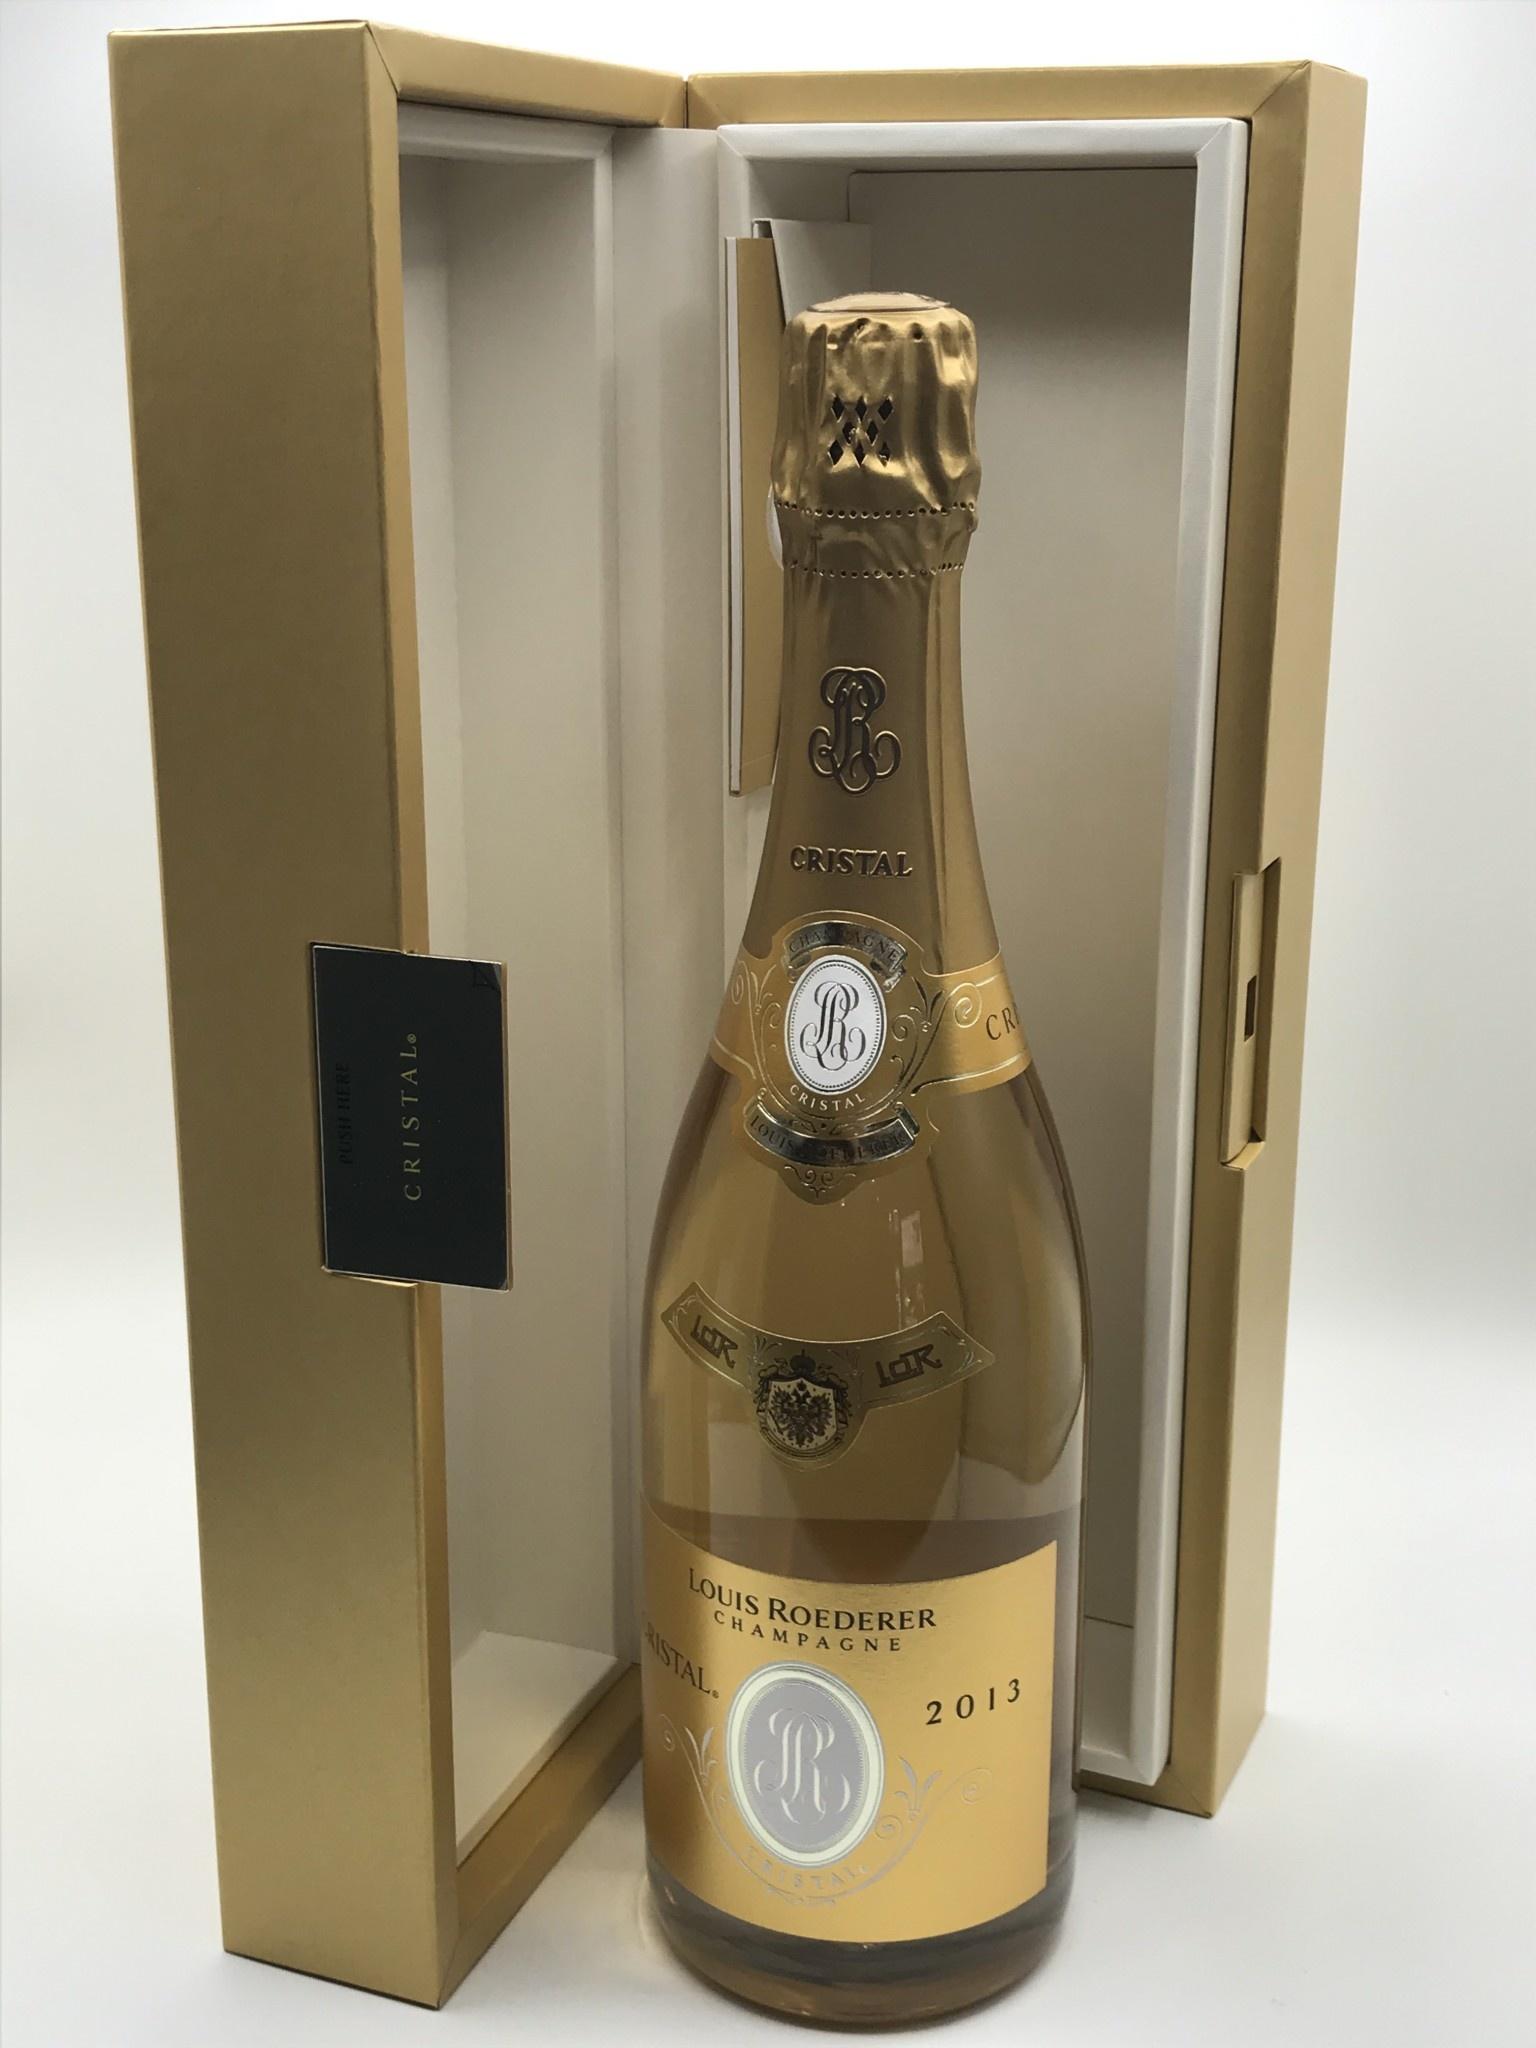 """Champagne Brut Cristal 2013 Louis Roederer """"Grand Cru""""  750ml"""